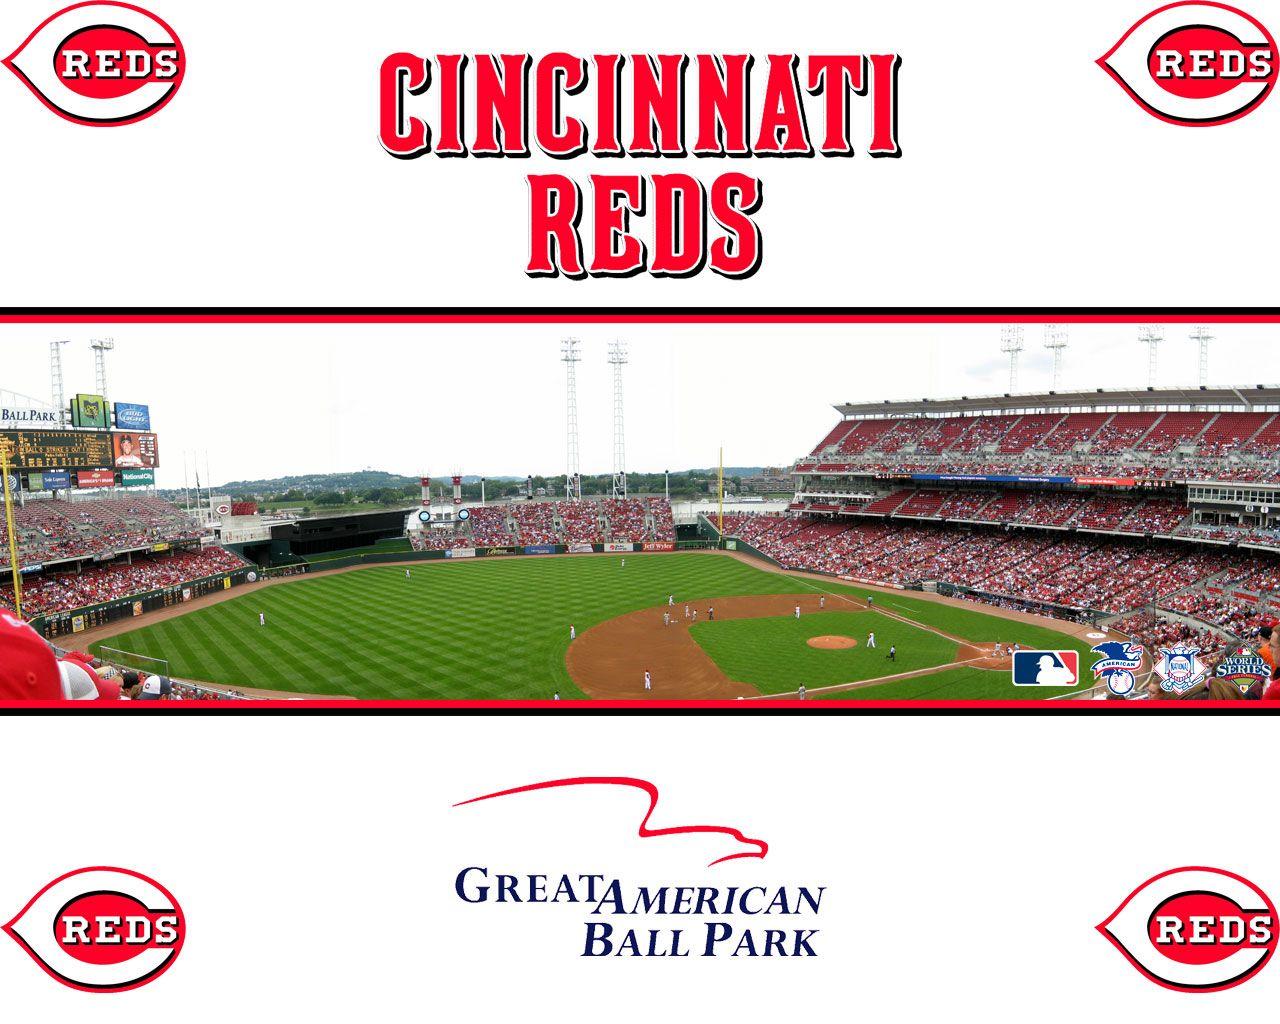 Cincinnati Reds Cincinnati Reds Tickets Cincinnati Reds Cincinnati Reds Baseball